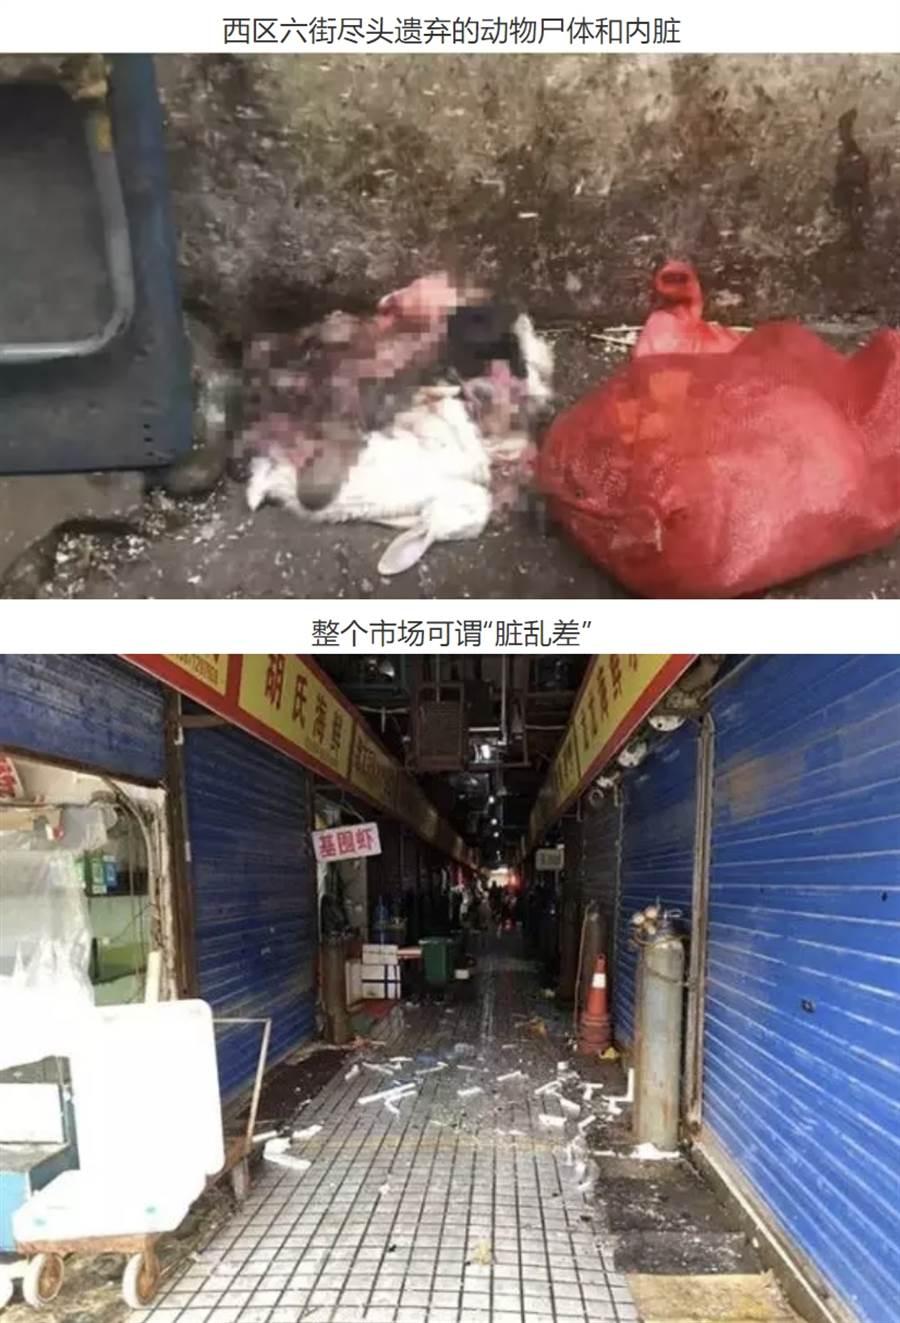 多維面面觀公布的照片中,可以看到市場角落內充斥著動物殘骸,環境極為髒亂 (圖/翻攝自微信公眾號@多維面面觀)